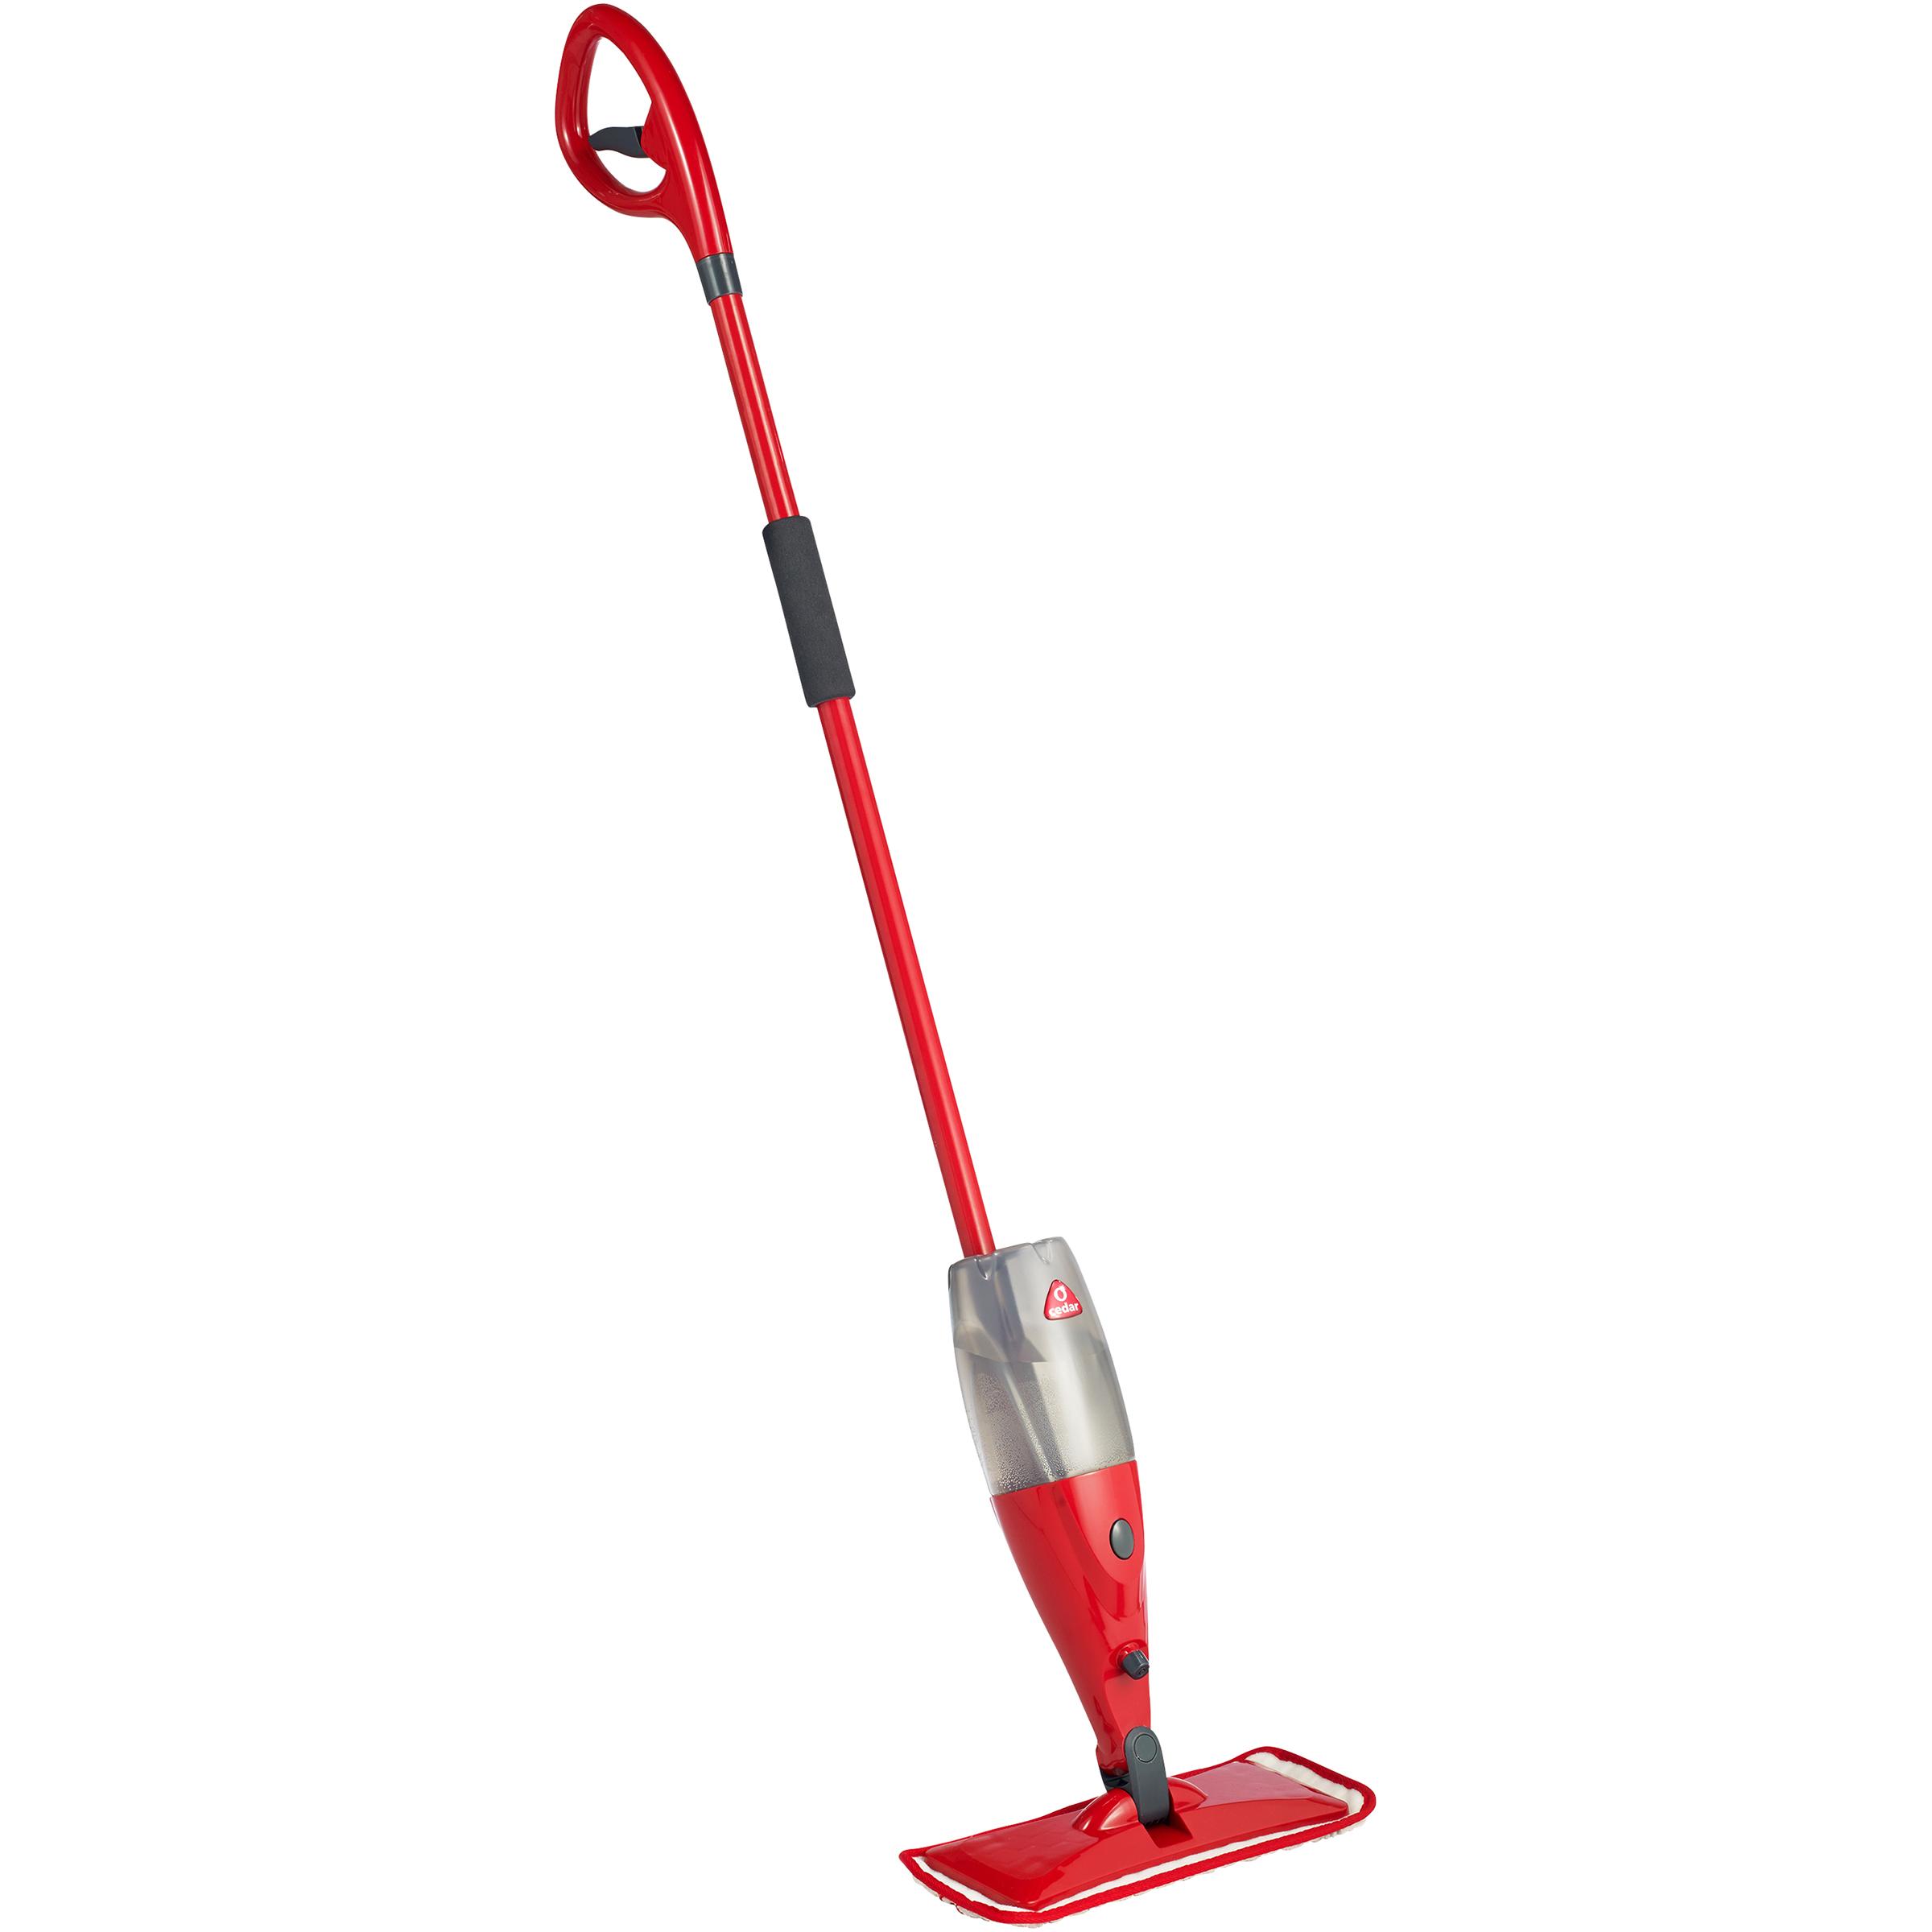 O Cedar Promist Microfiber Spray Mop Walmart Com